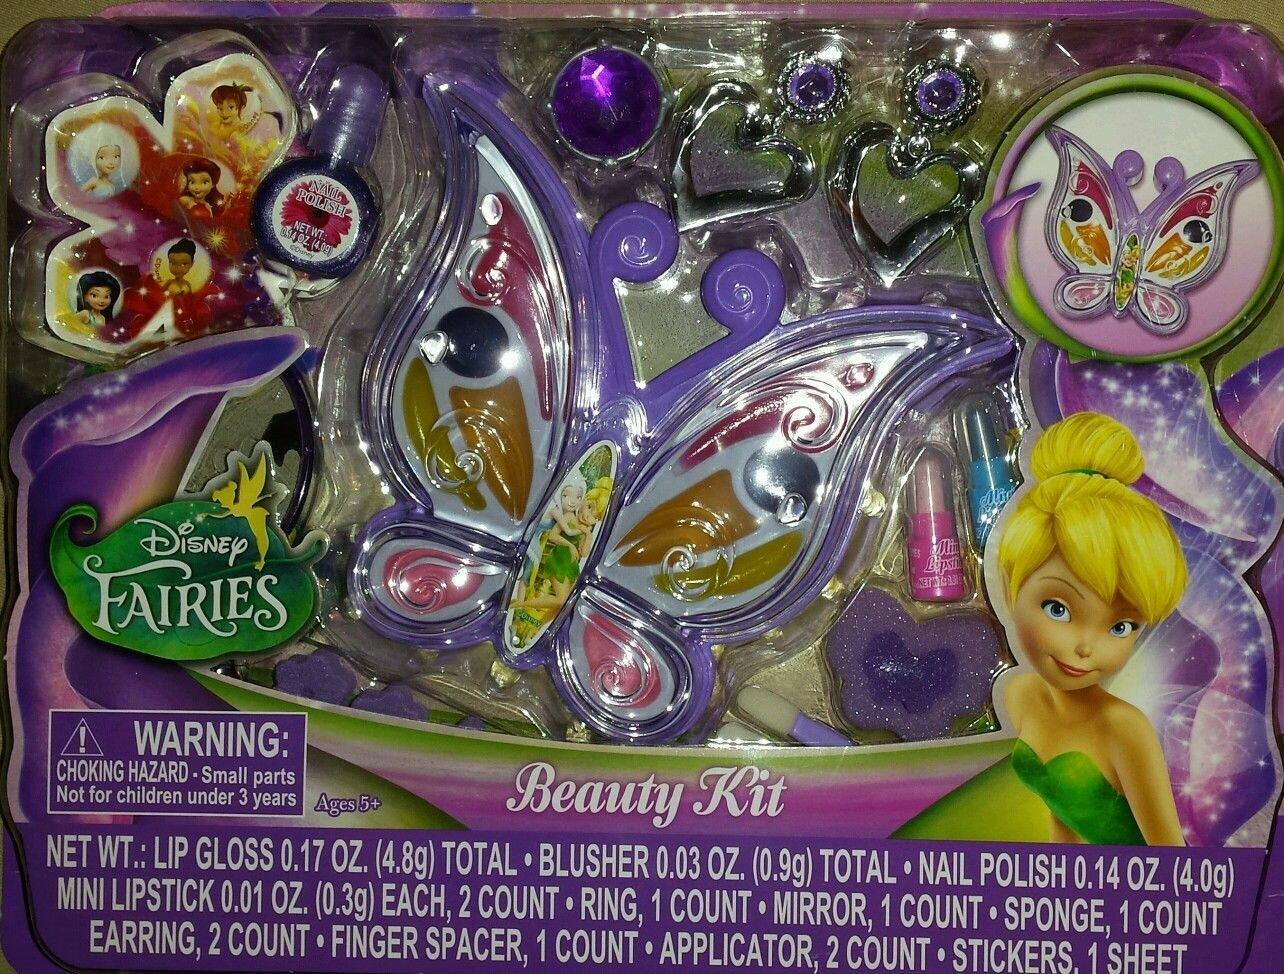 Disney Fairies Beauty Kit